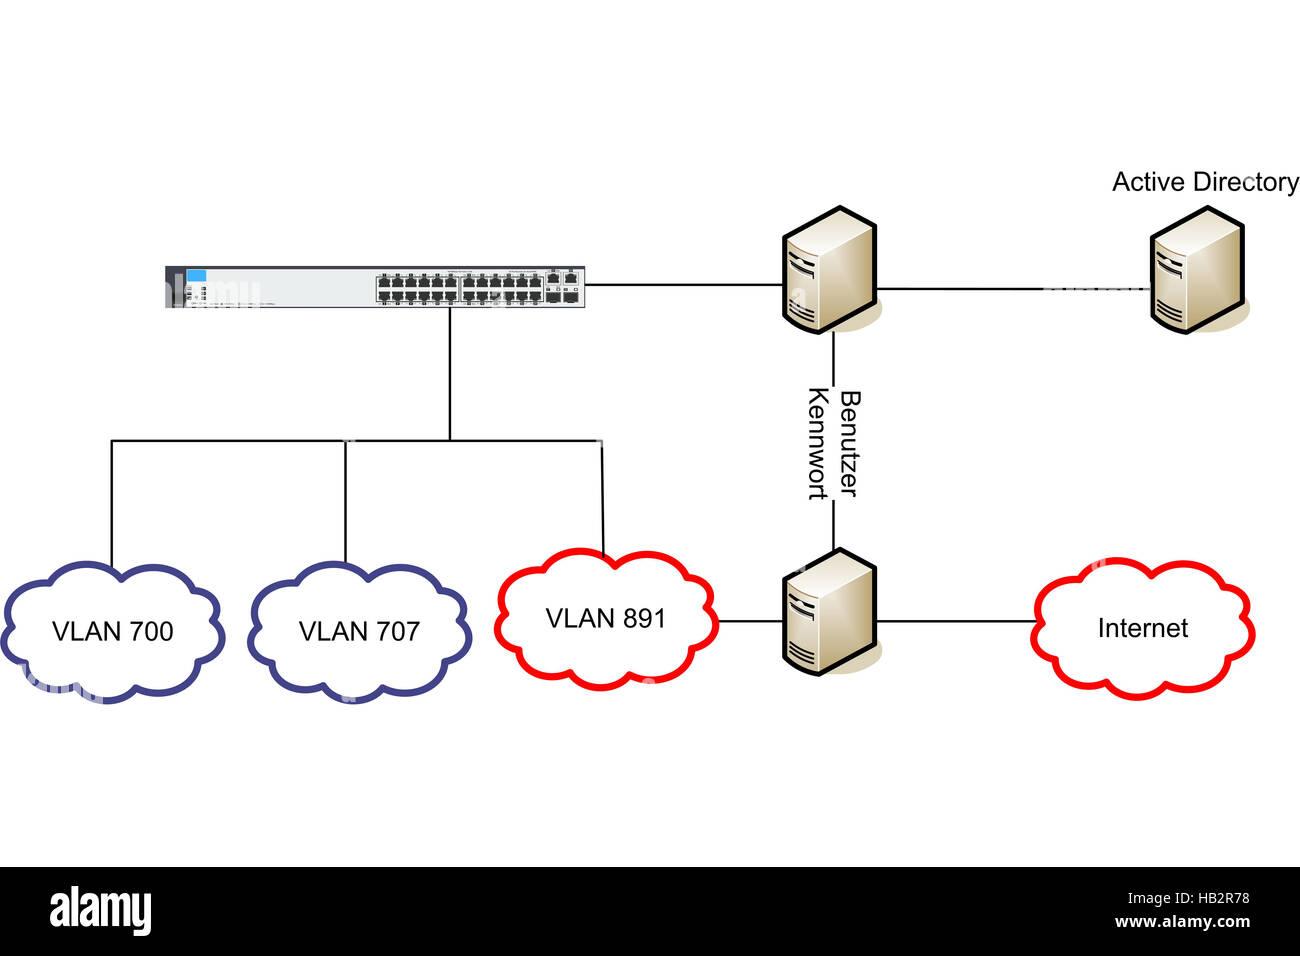 Großartig Diagramm Der Lan Verbindung Mit 10 Benutzern Fotos - Der ...